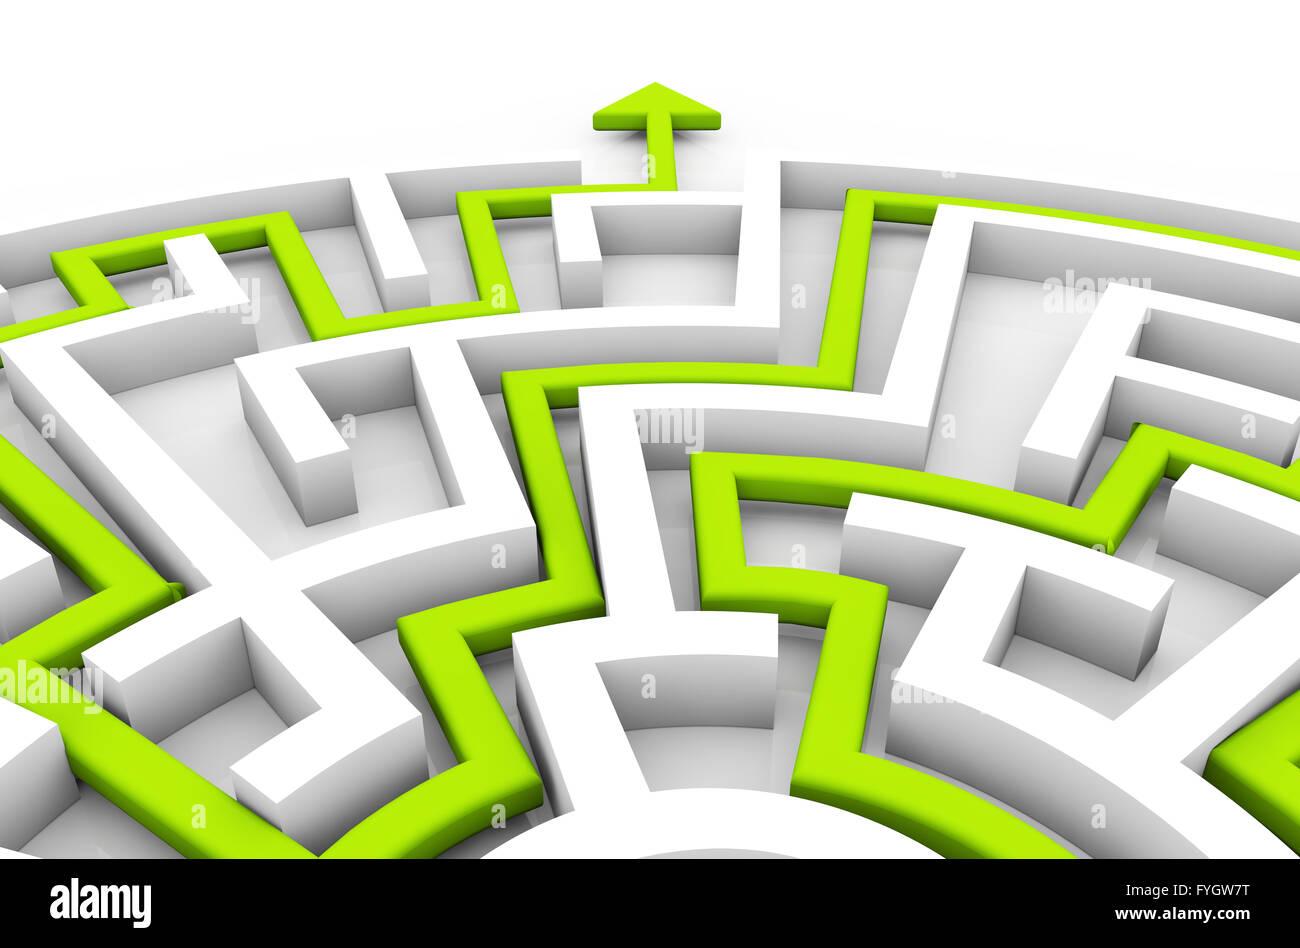 Concept de réussite: flèche verte montrant un chemin de sortie de labyrinthe Photo Stock